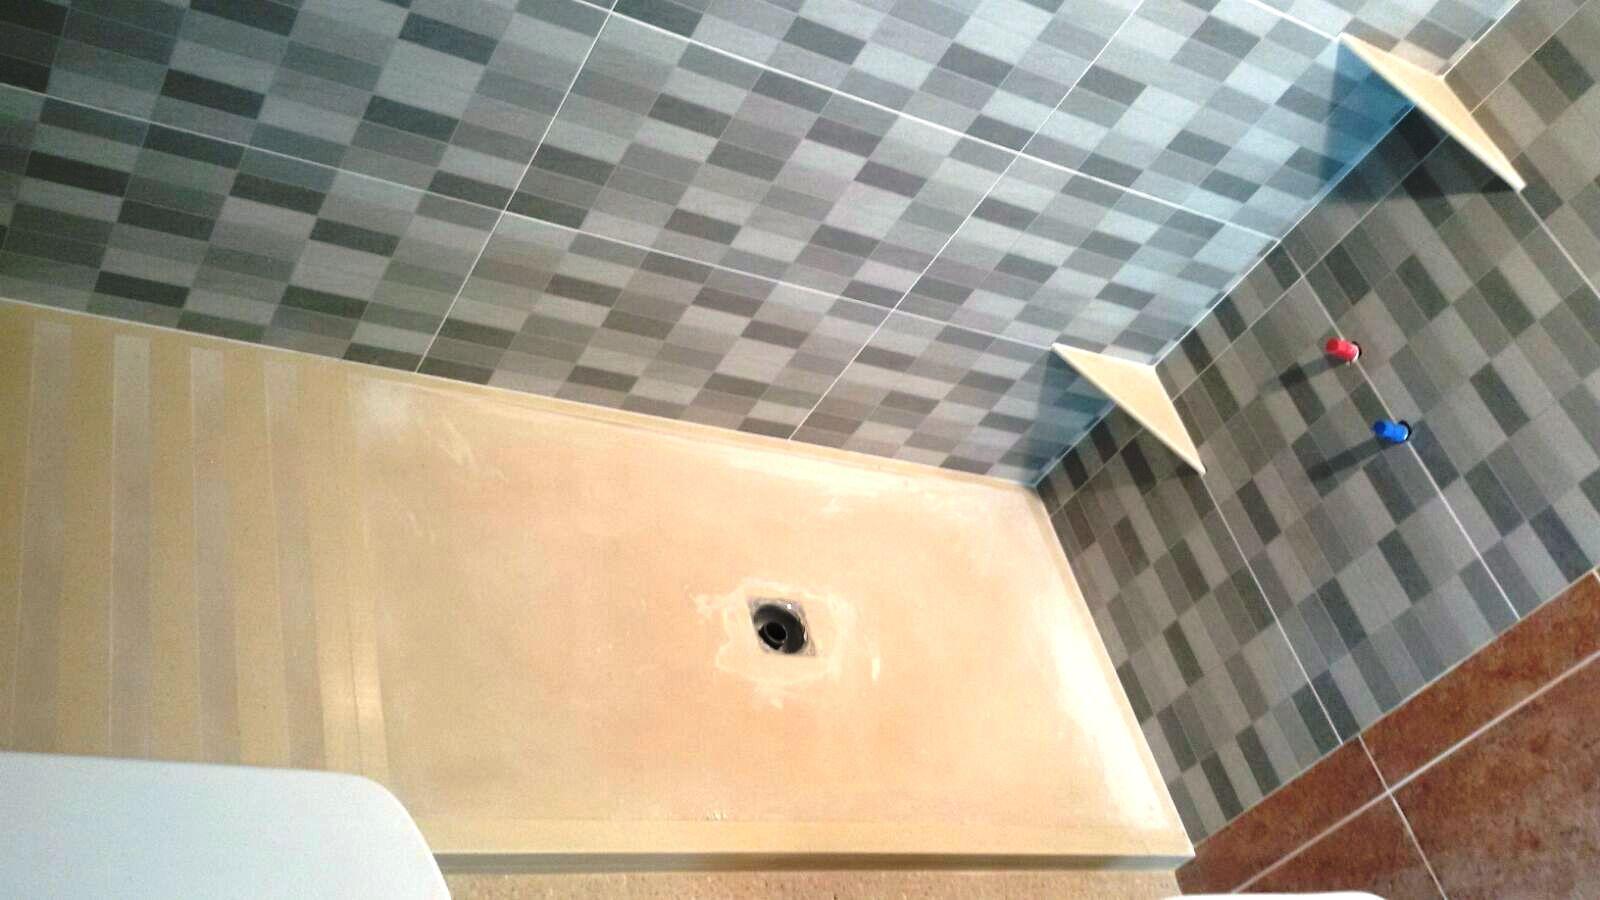 Marbres valls plat de dutxa for Plats de dutxa